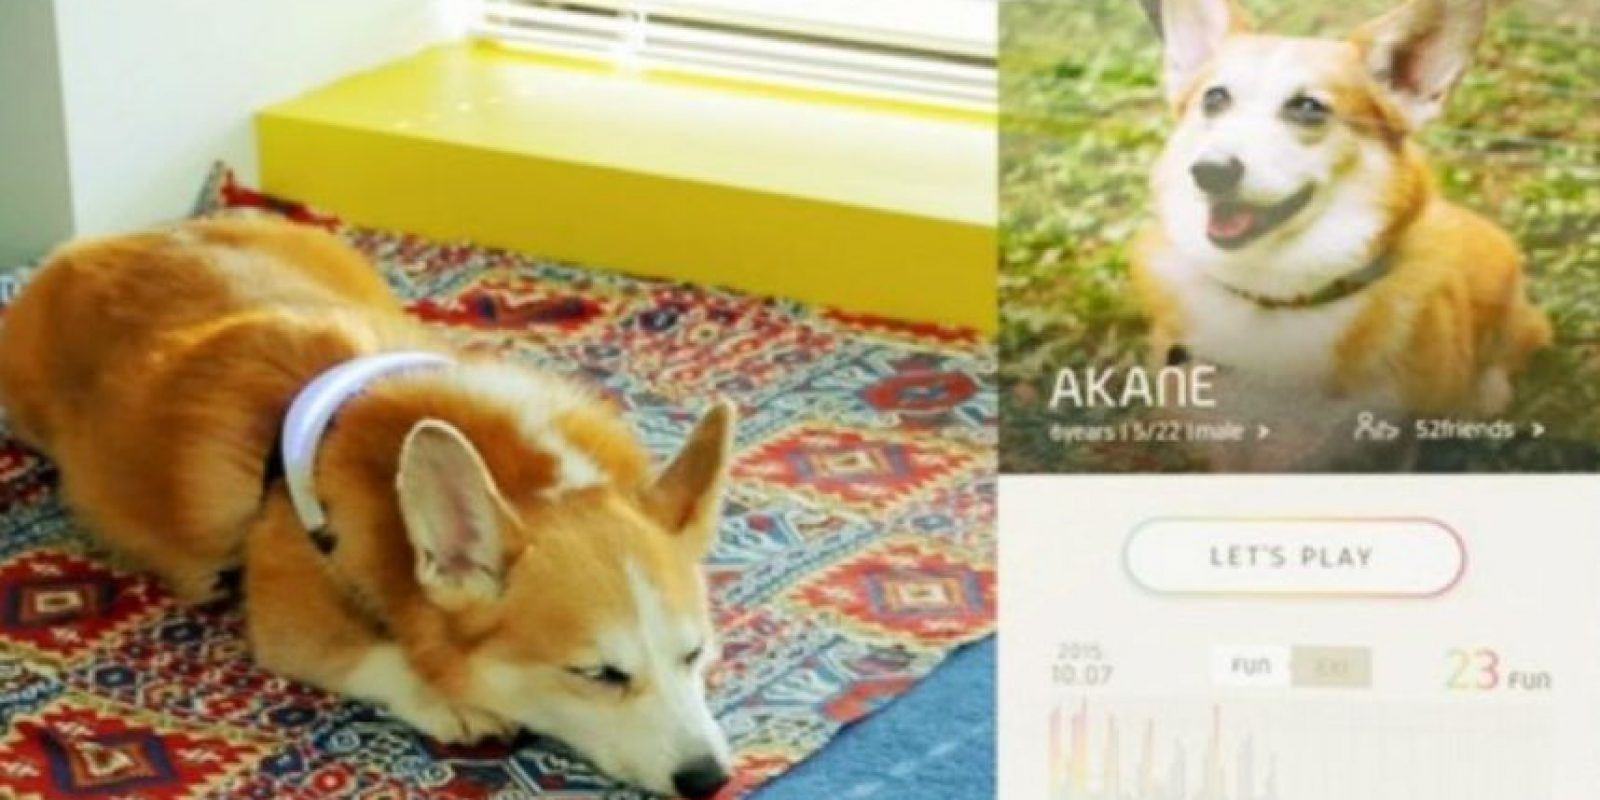 Inupathy ha sido probado en Akane, un gracioso corgi. Foto:Inupathy. Imagen Por: